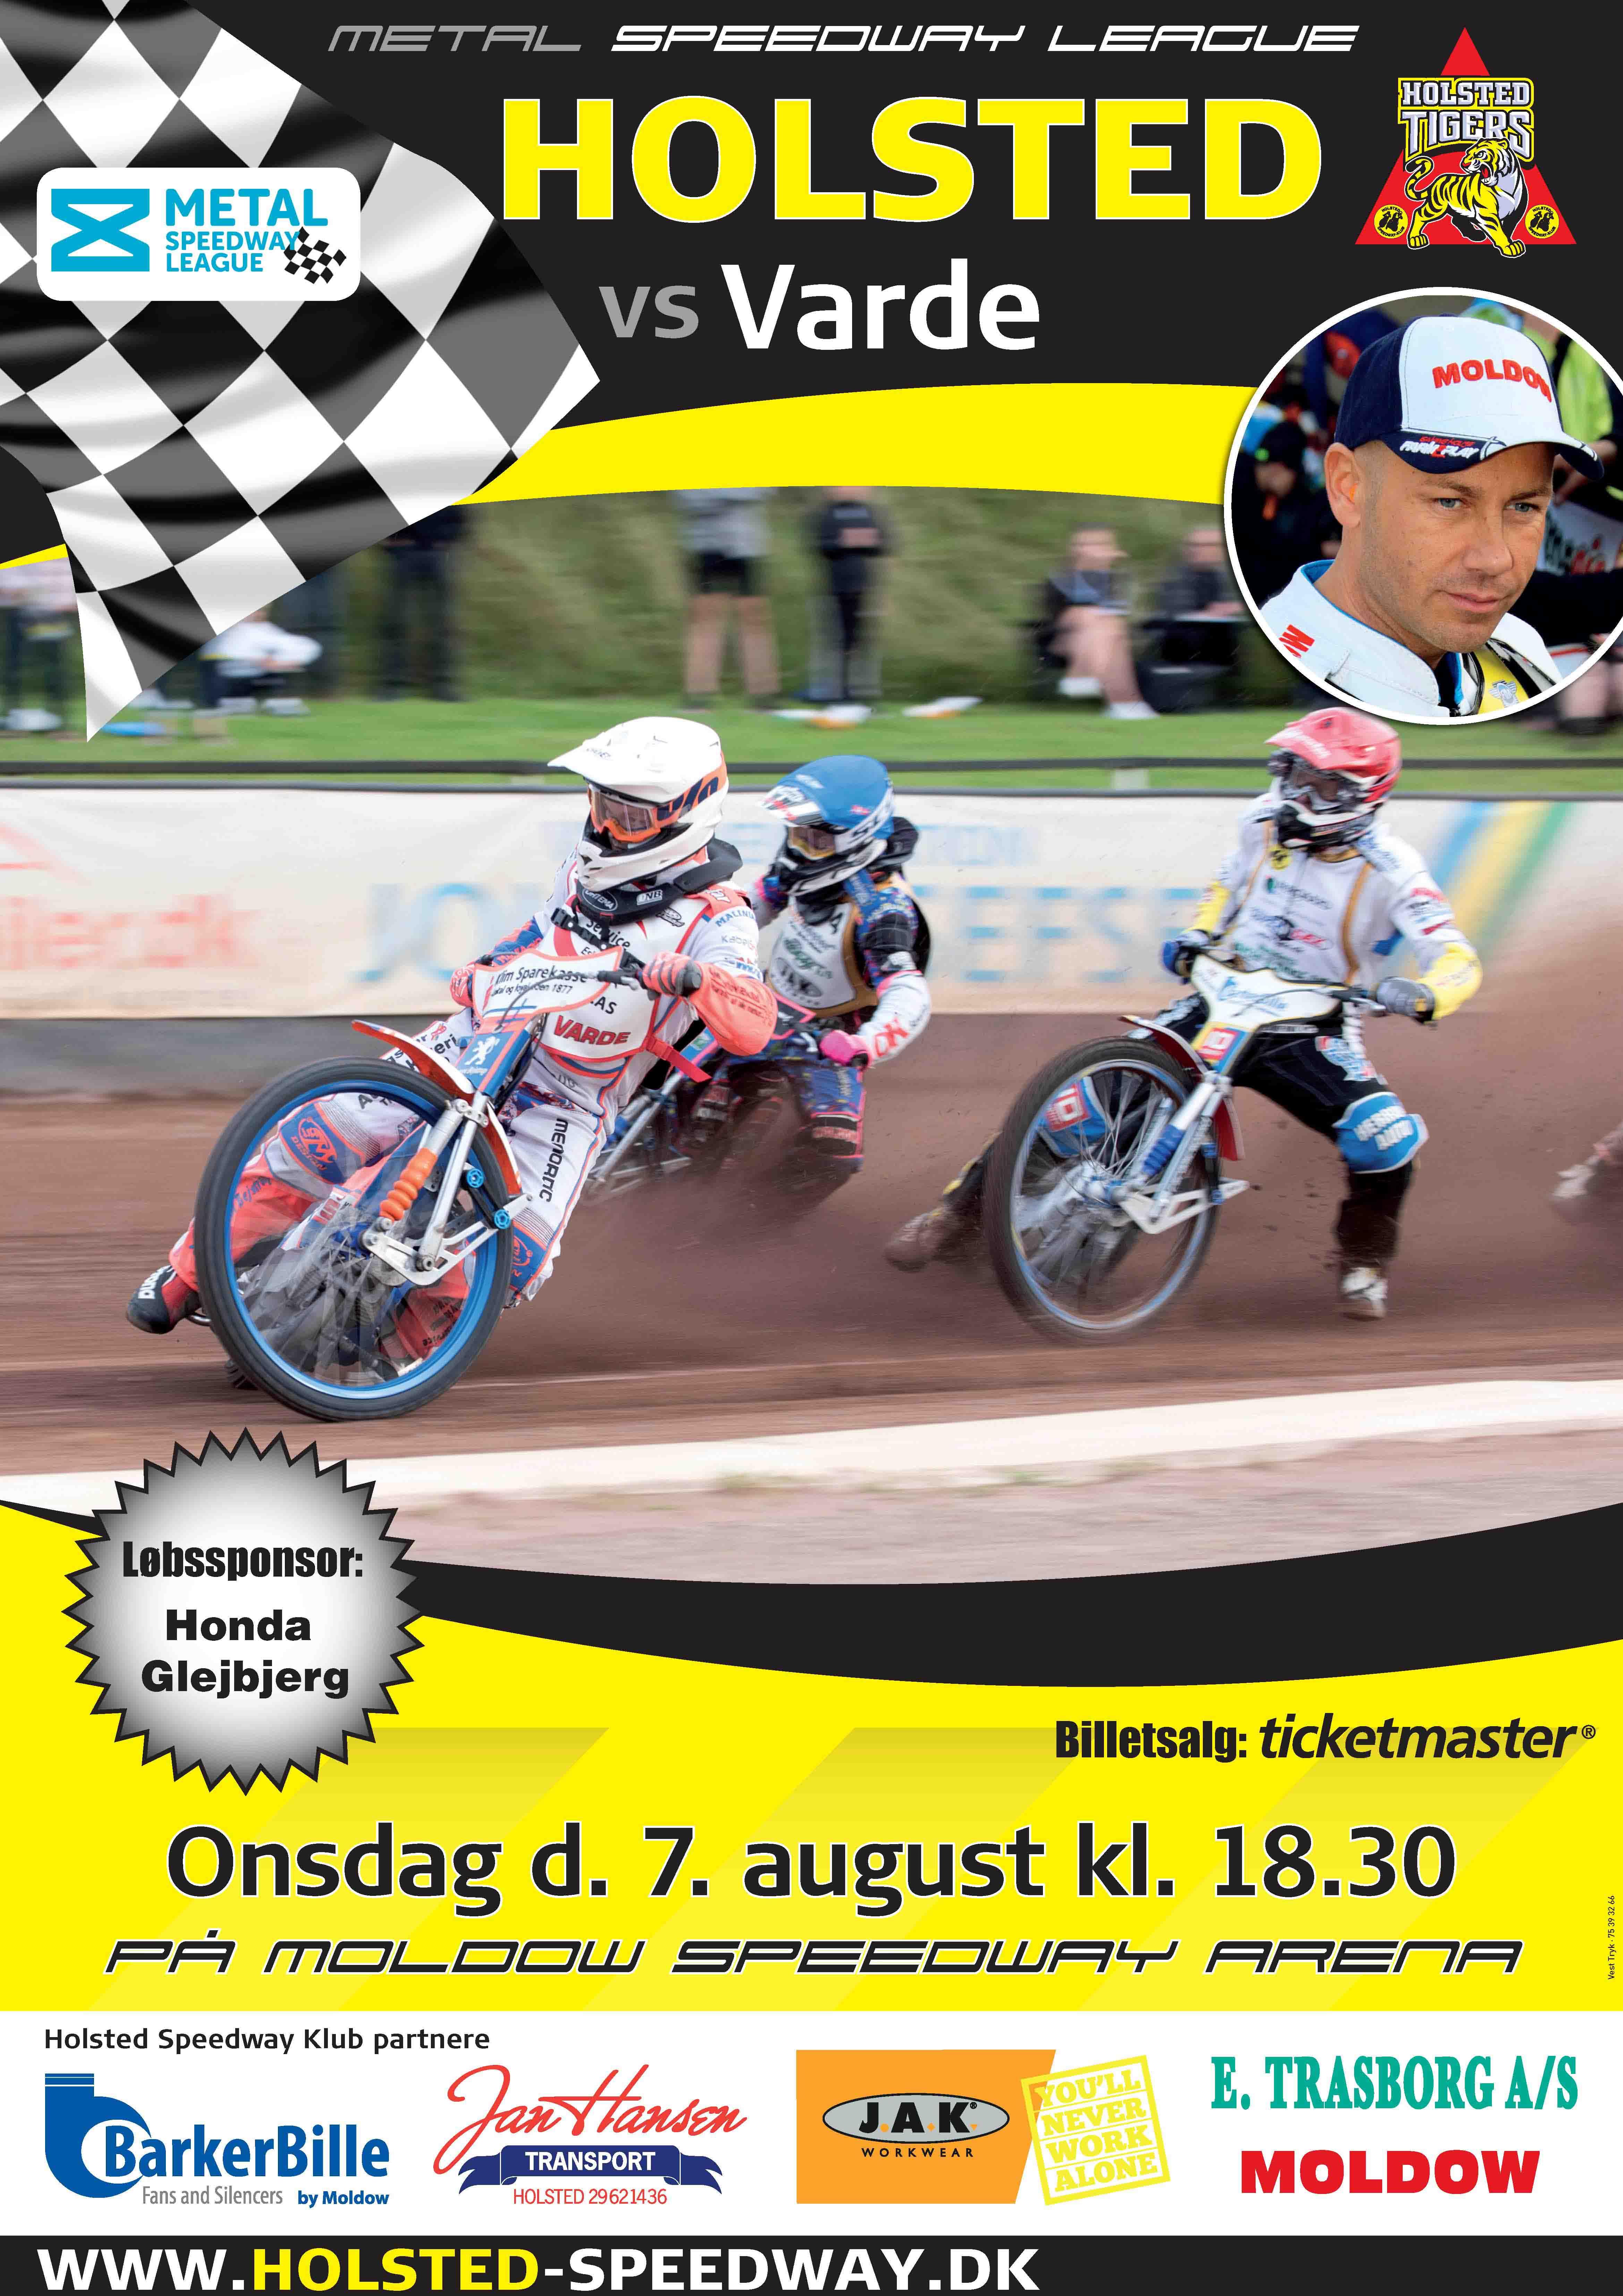 Speedway - Varde